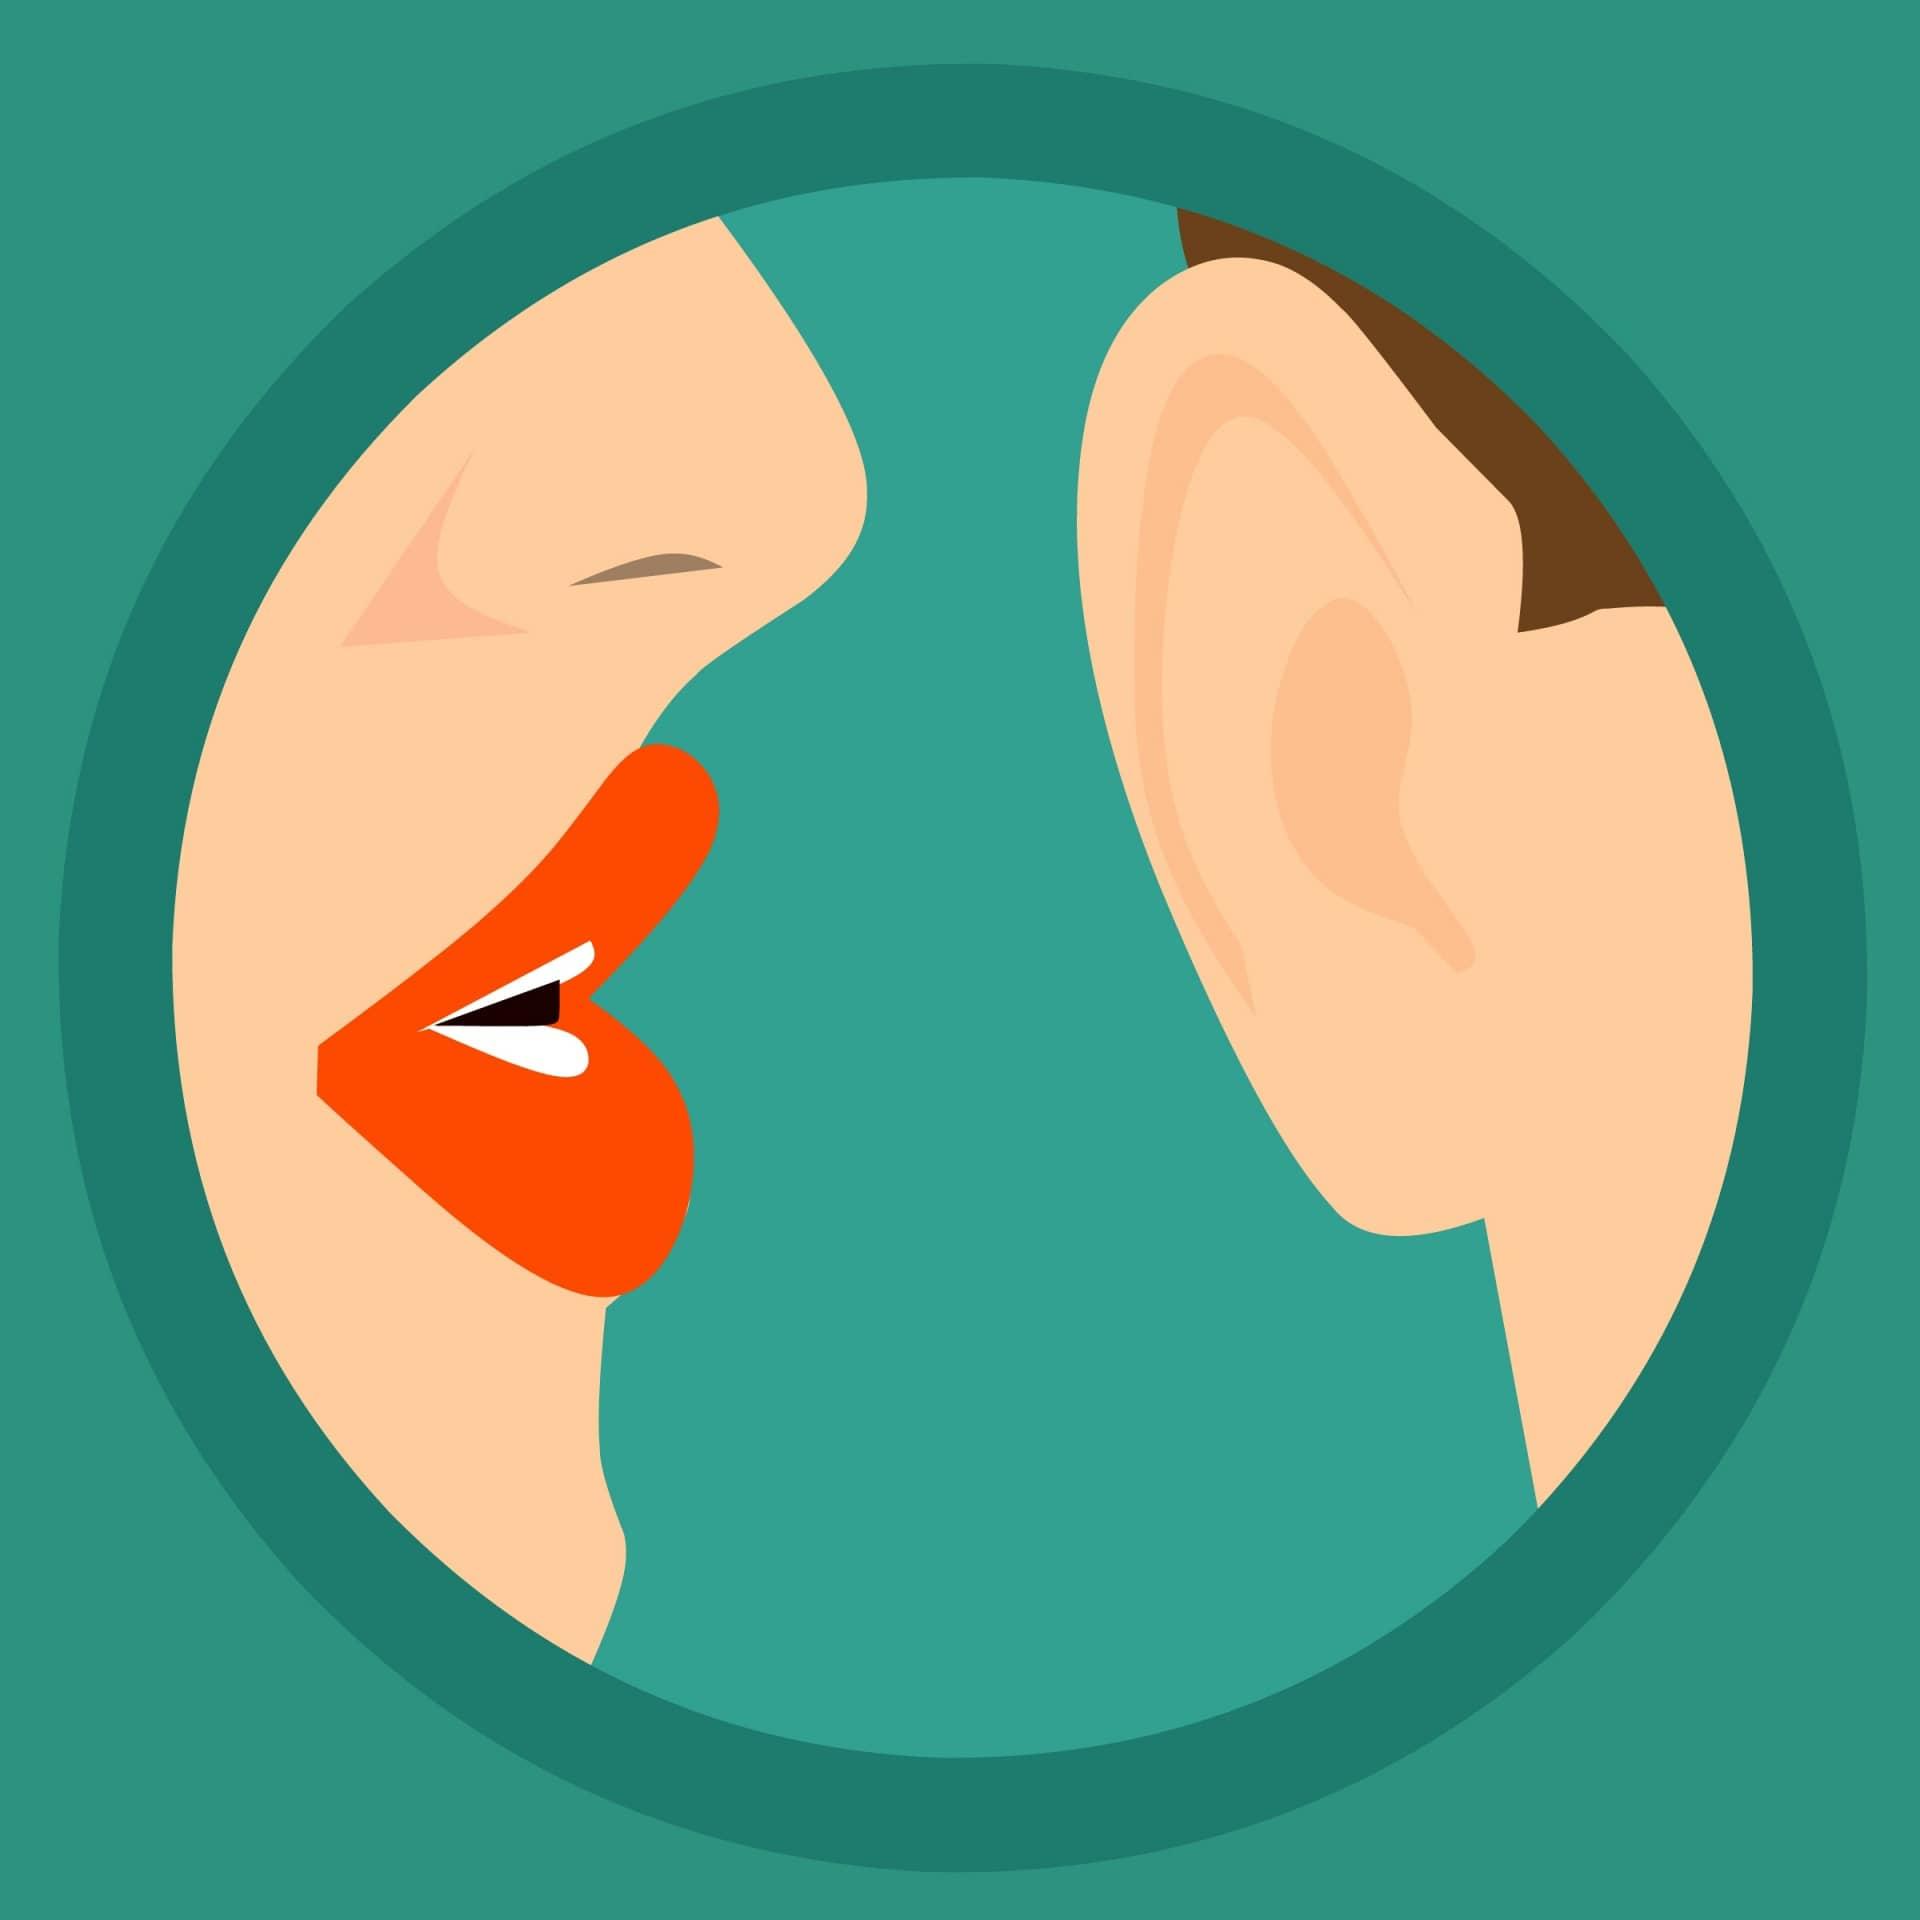 Roger Voice, l'appli gratuite qui permet aux sourds & malentendants d'entendre les conversations sur leur portable